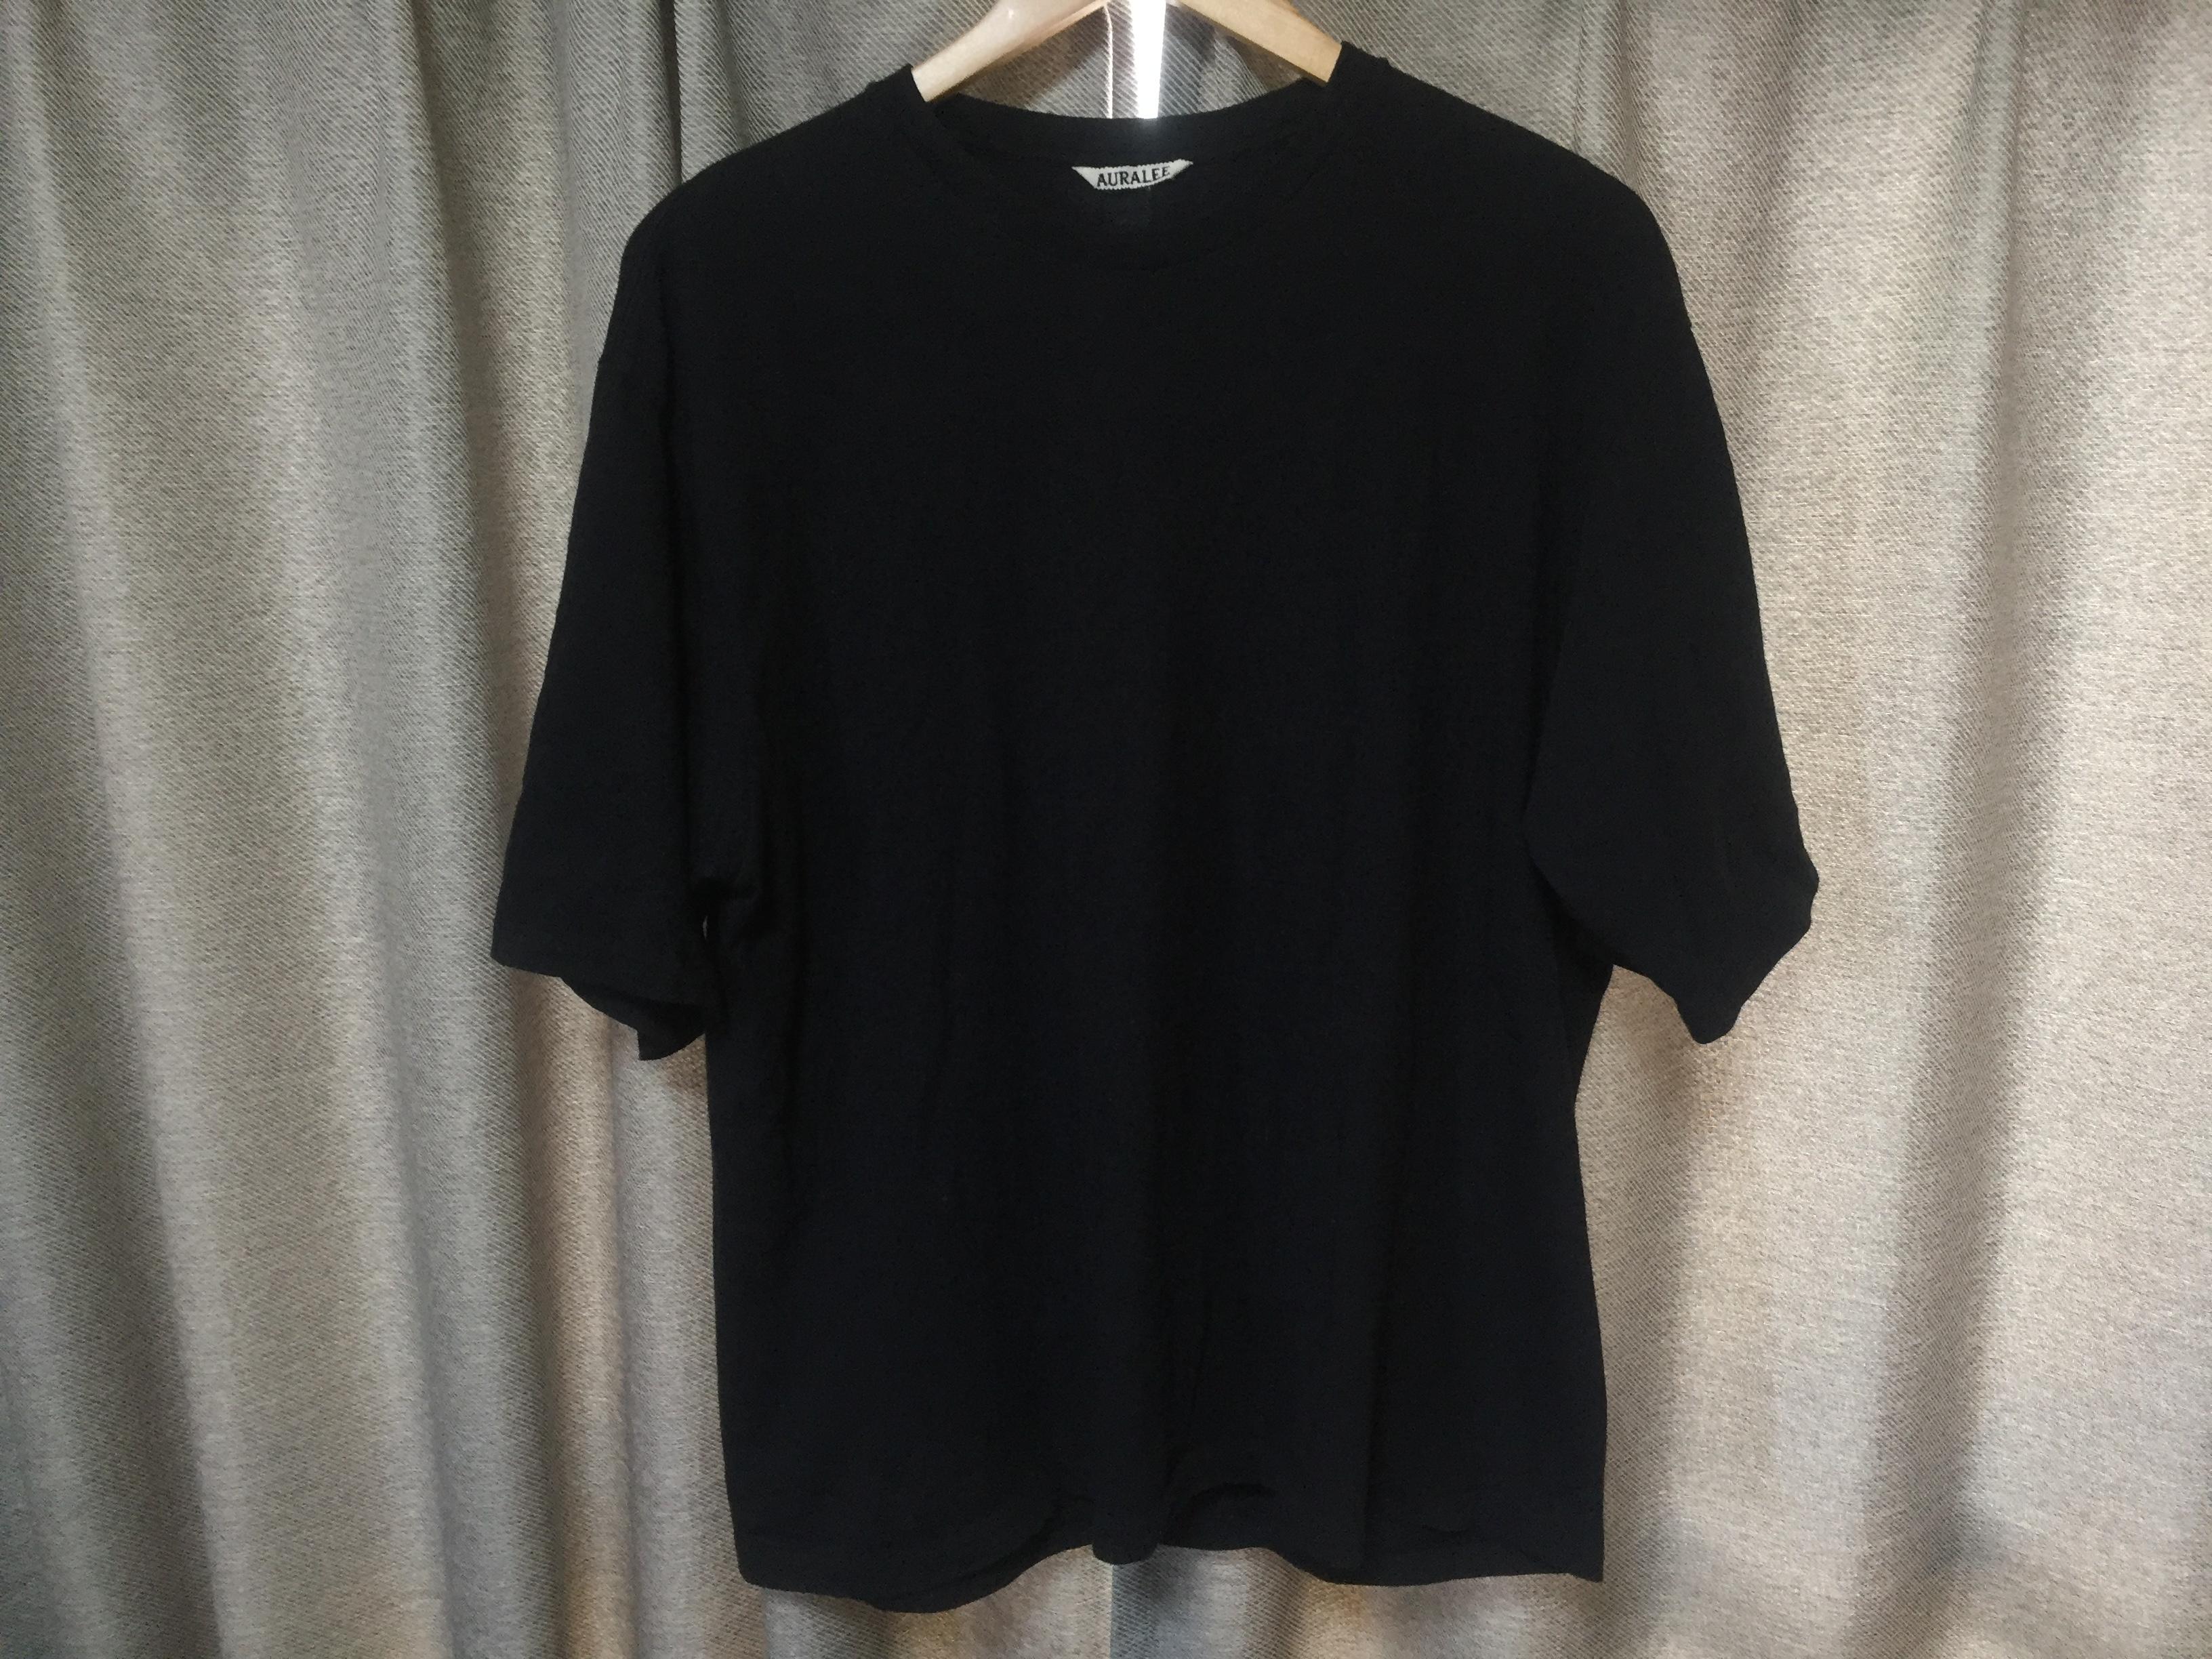 オーラリーの黒Tシャツ